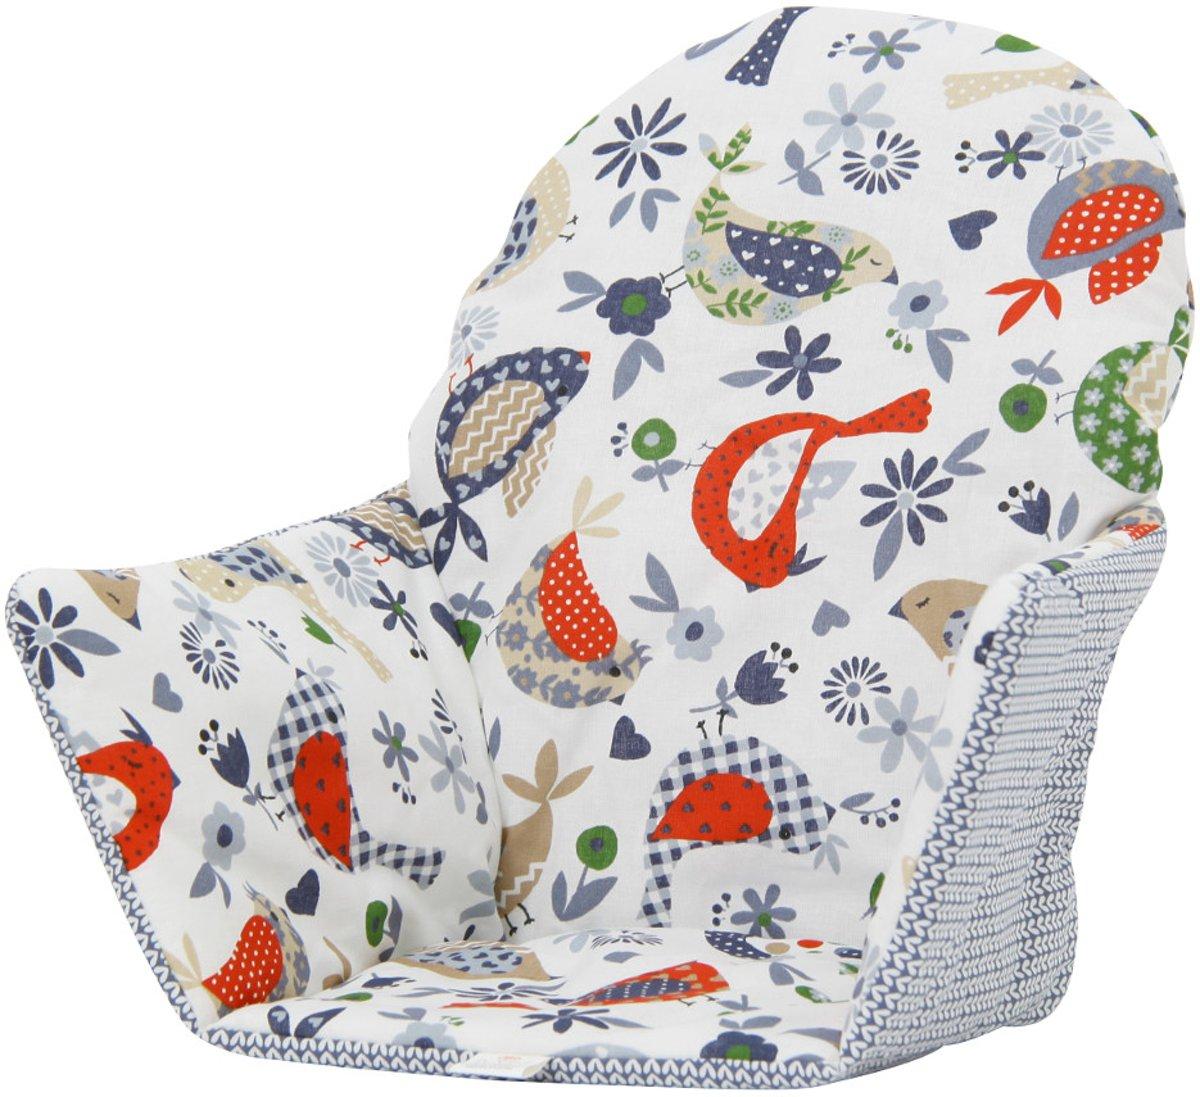 Bliss Kussen voor IKEA Antilop Kinderstoel Roze